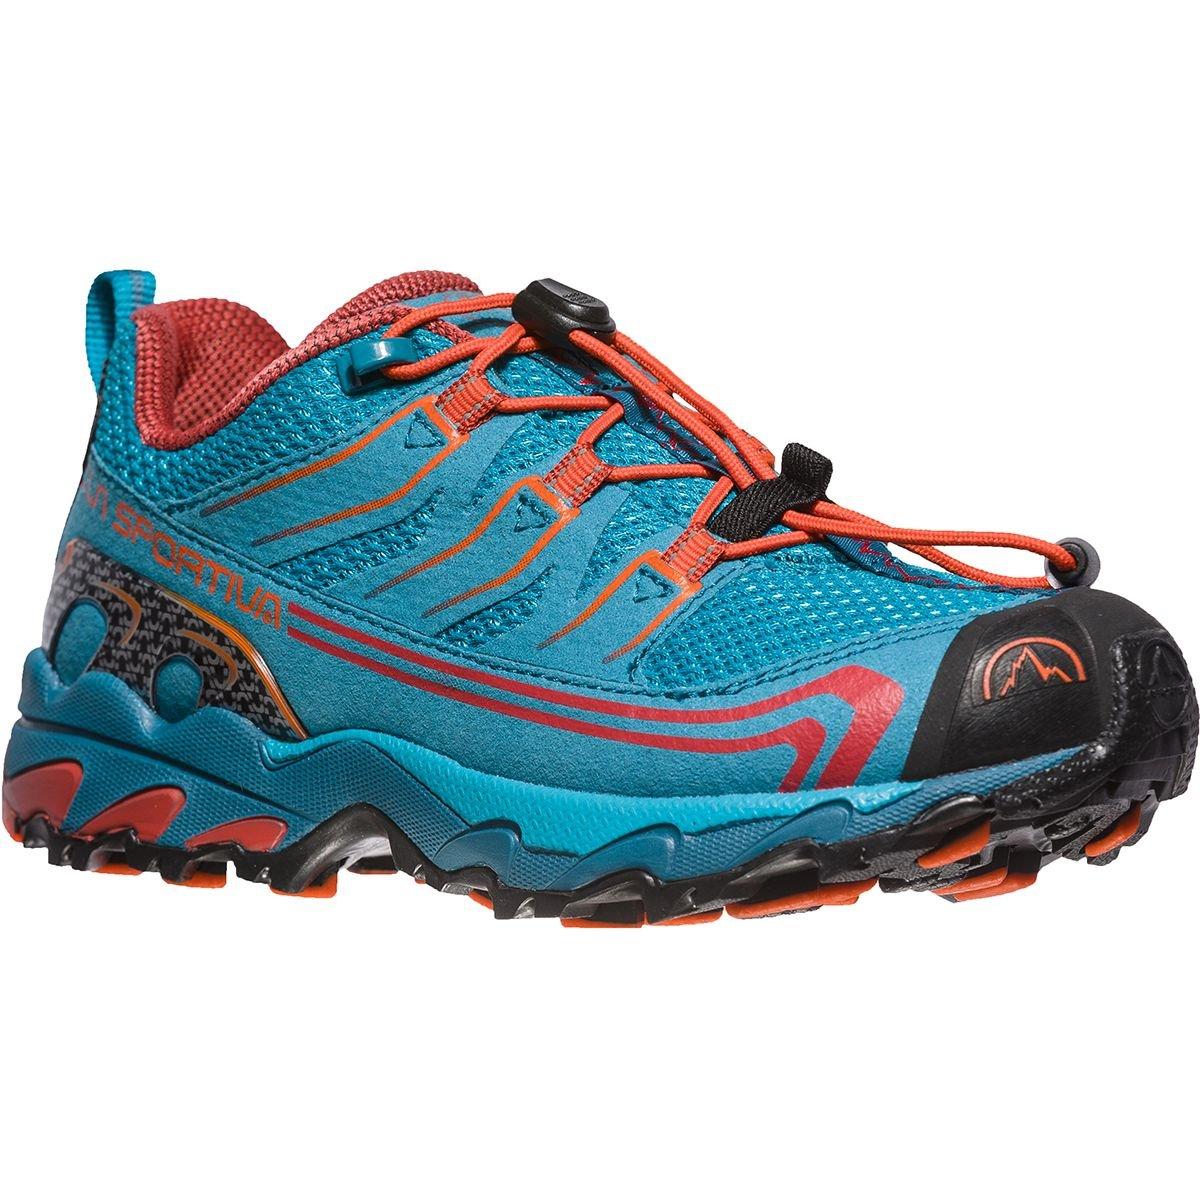 La Sportiva Falkon Low 36-40, Zapatillas de Senderismo Unisex Adulto: Amazon.es: Zapatos y complementos